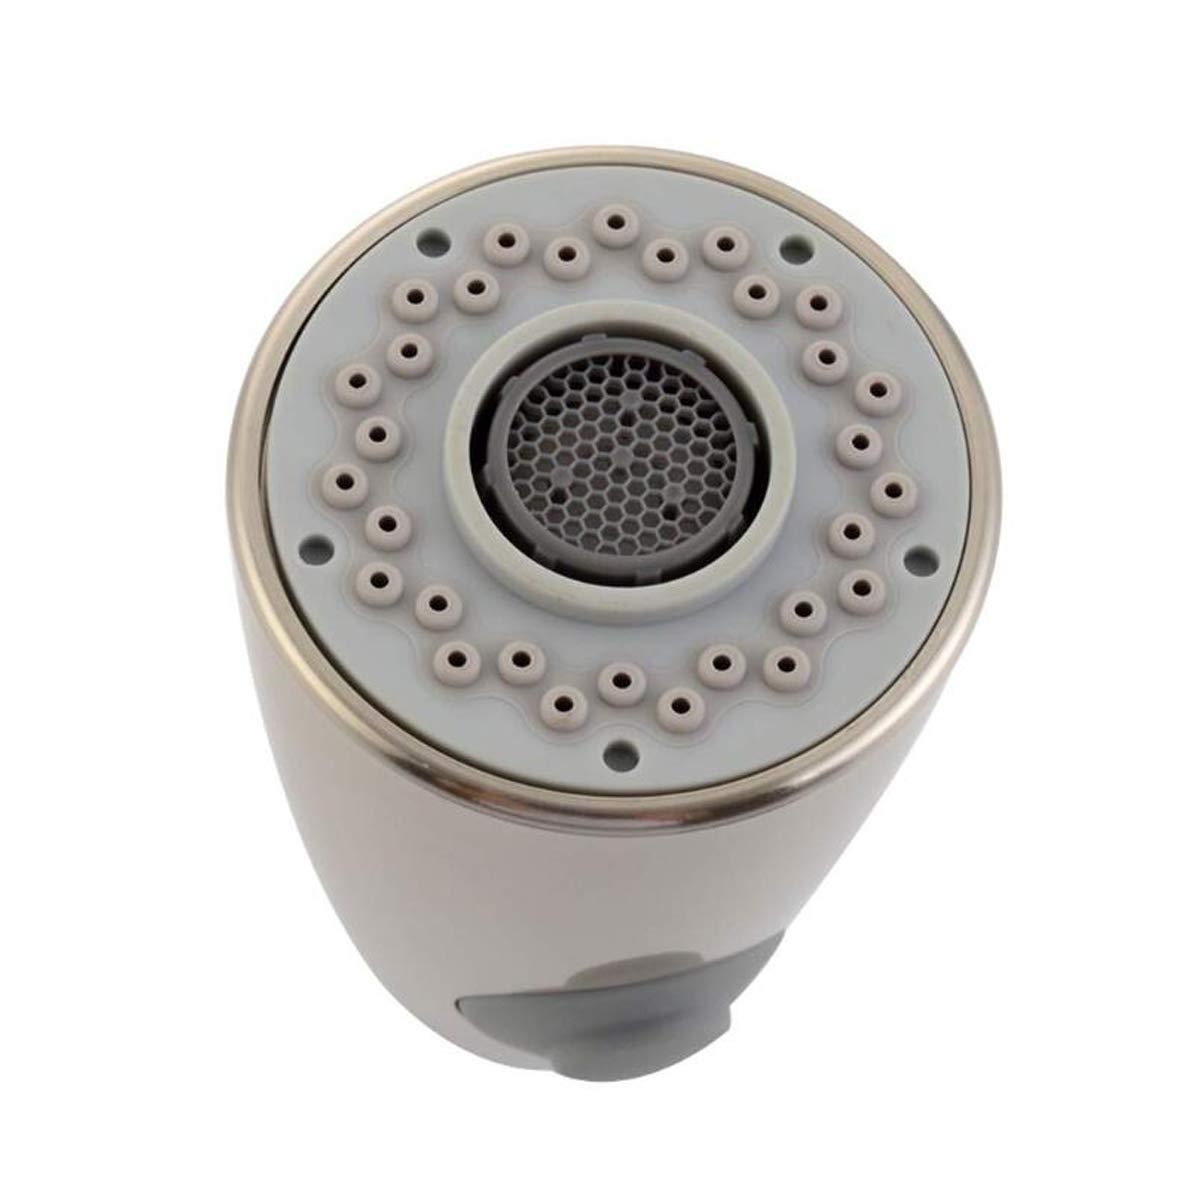 La cocina del aerosol Head Tap aerosol cabezal universal G 1//2 2 Funciones de repuesto o recambio de m/últiples funciones Boquilla cabeza extra/íble para fregadero de cocina Tap